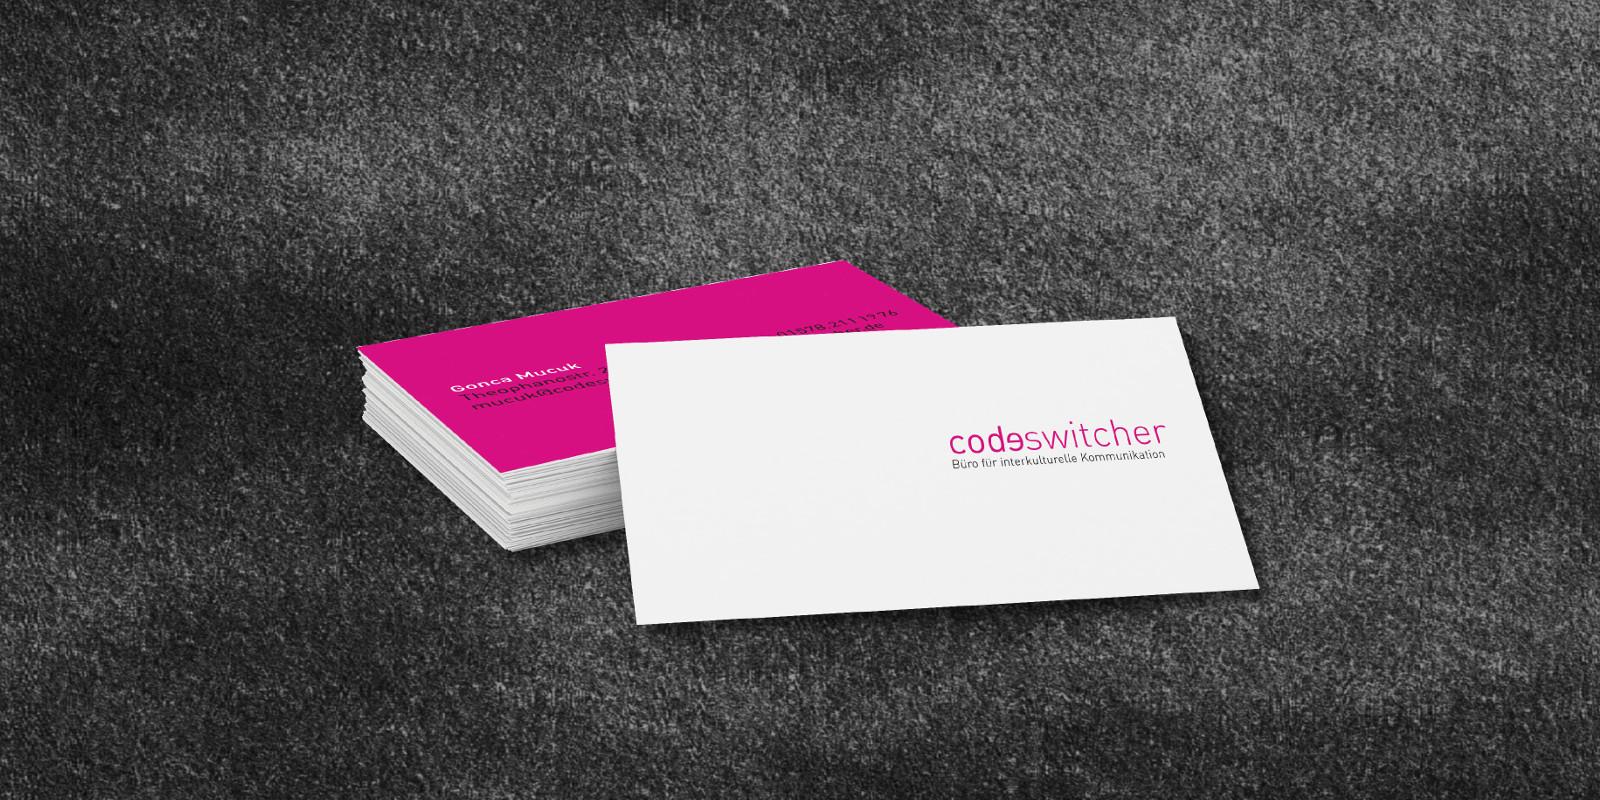 codeswitcher Büro für interkulturelle Kommunikation aus Köln | Woestmann Design | woestmanndesign.de